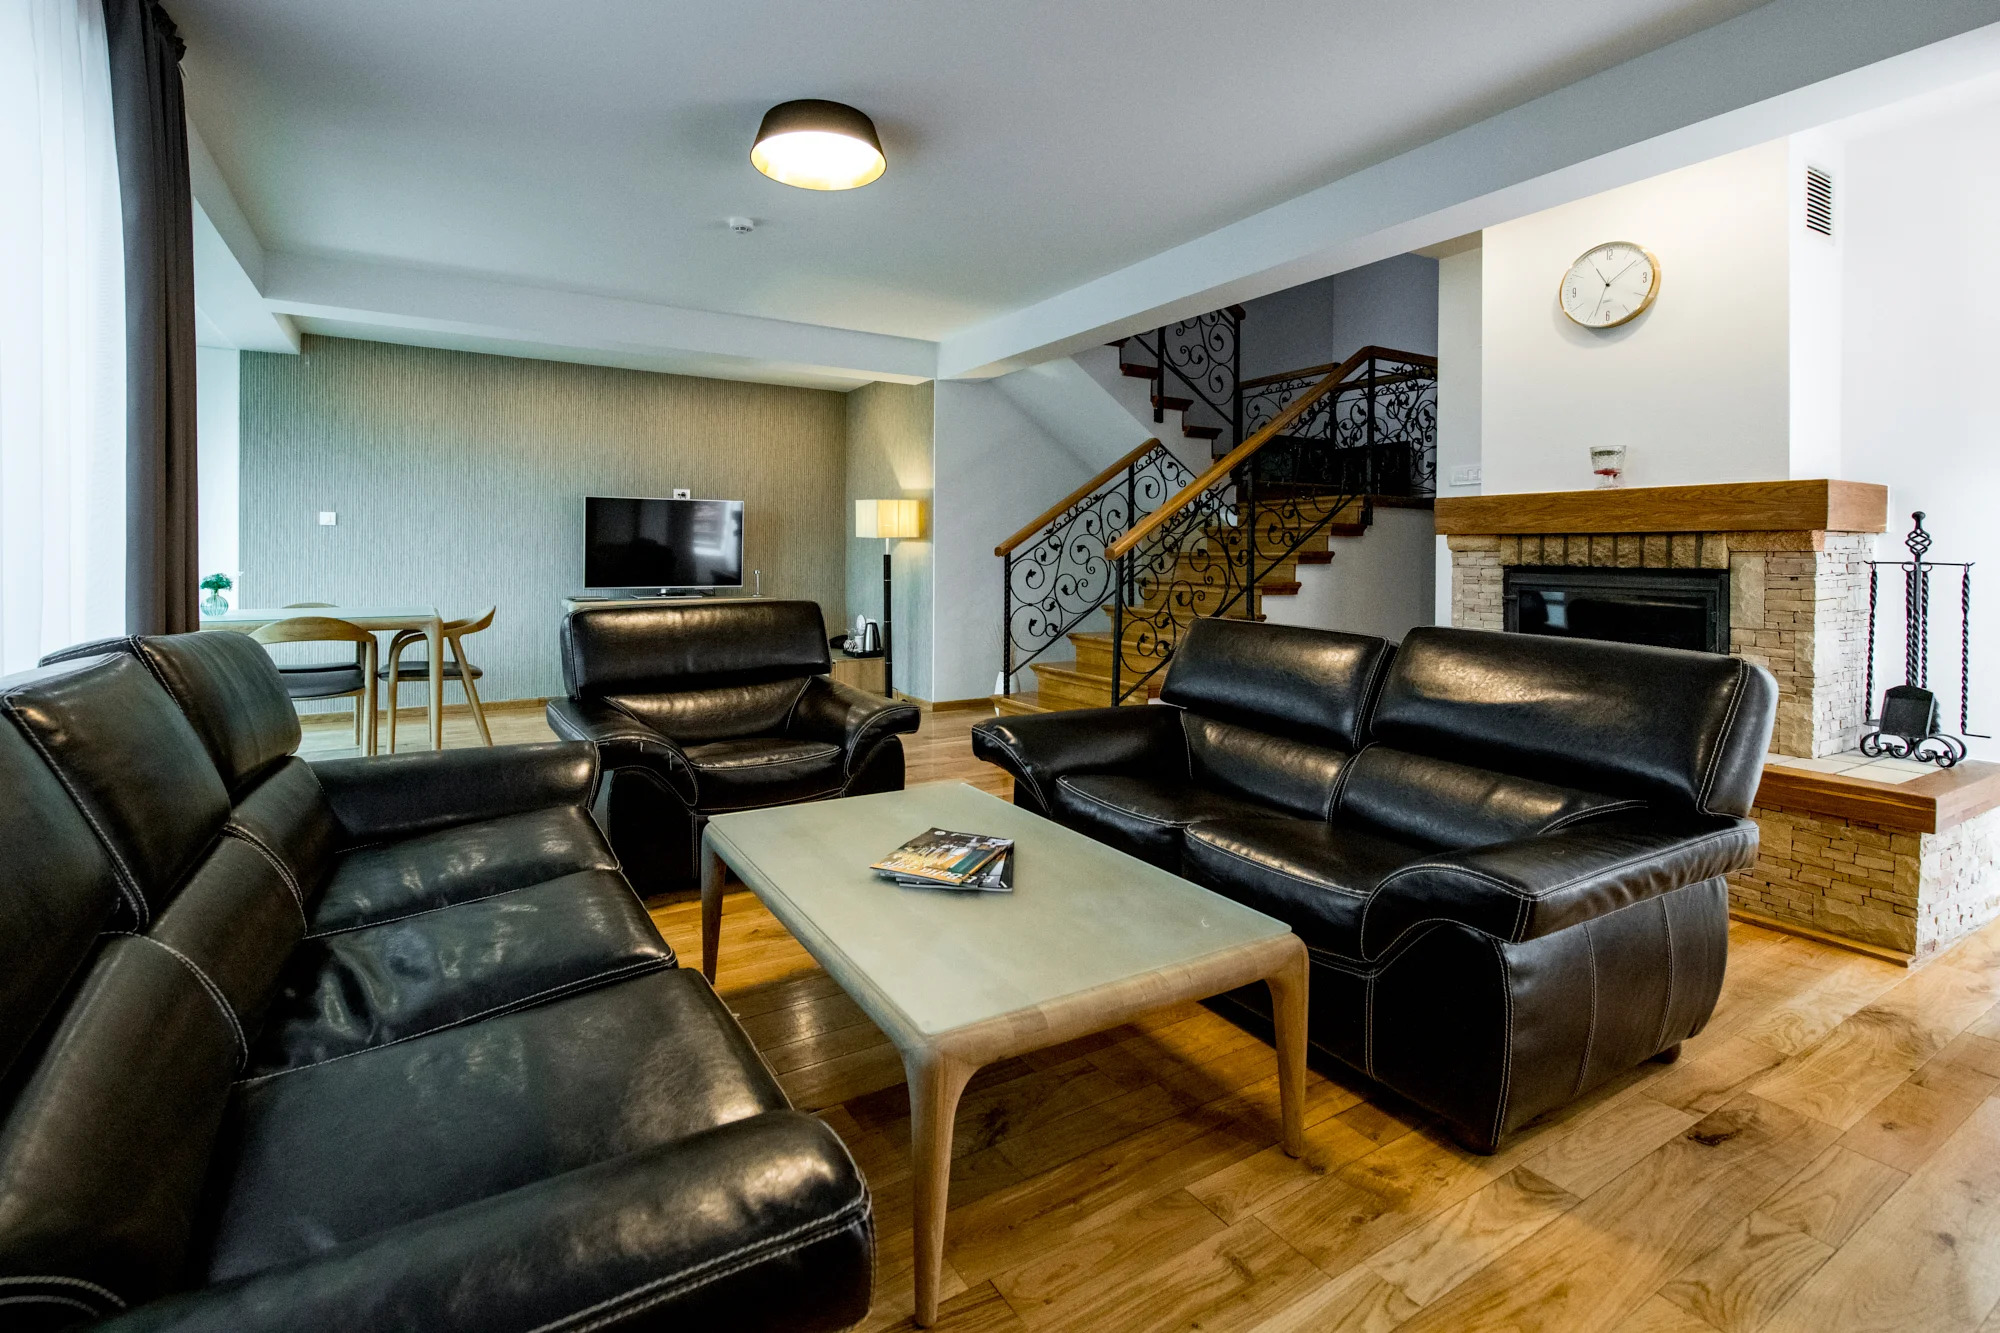 Hotel Blanca - Deluxe suite